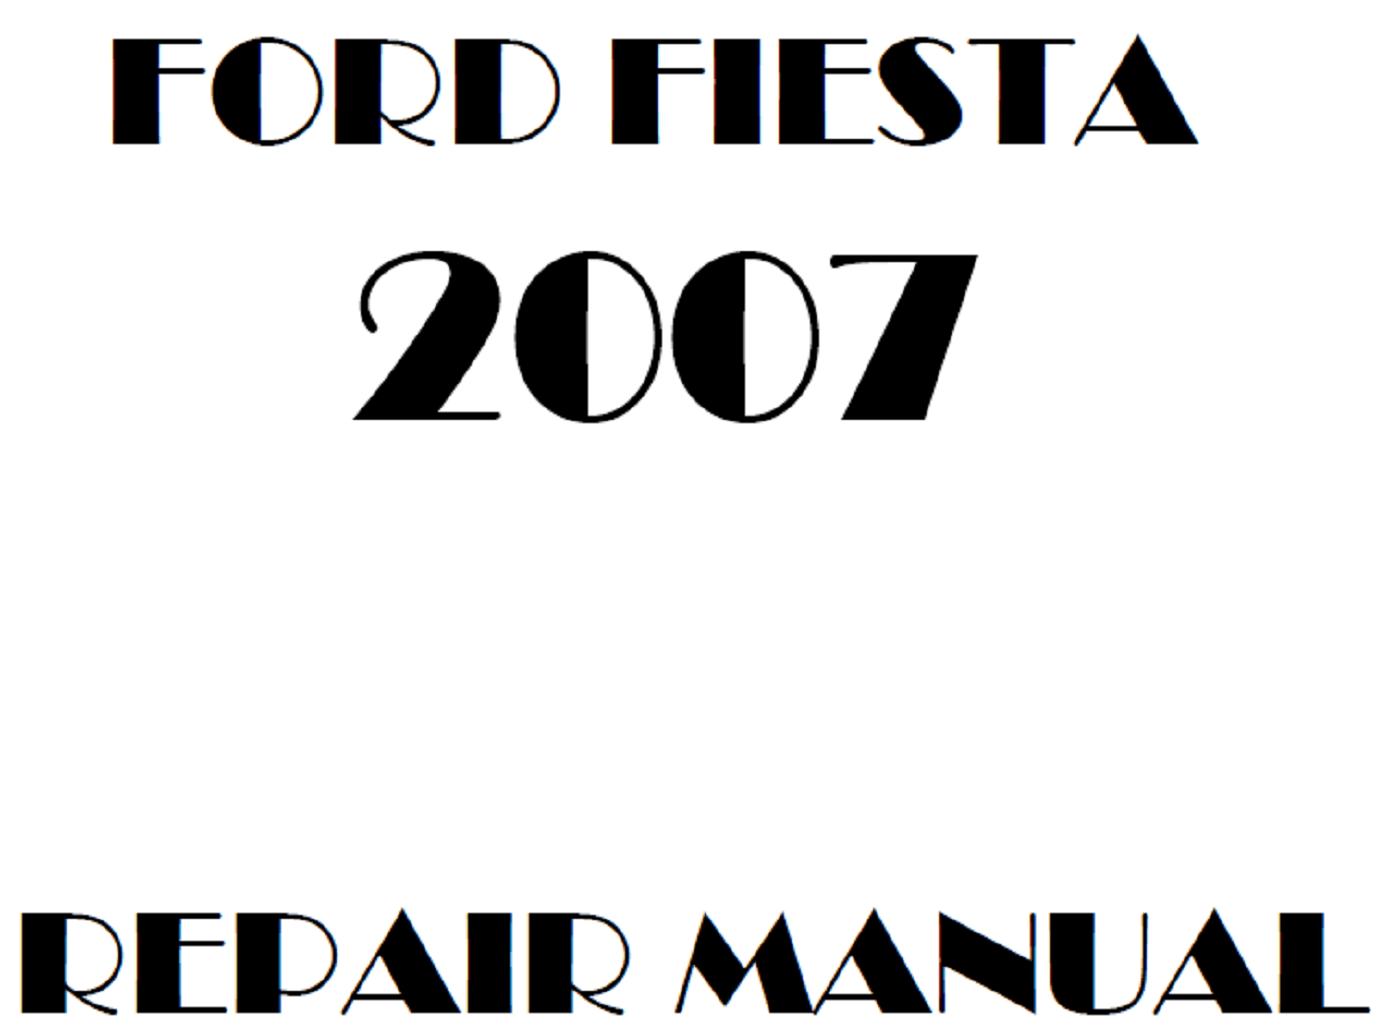 2007 Ford Fiesta repair manual